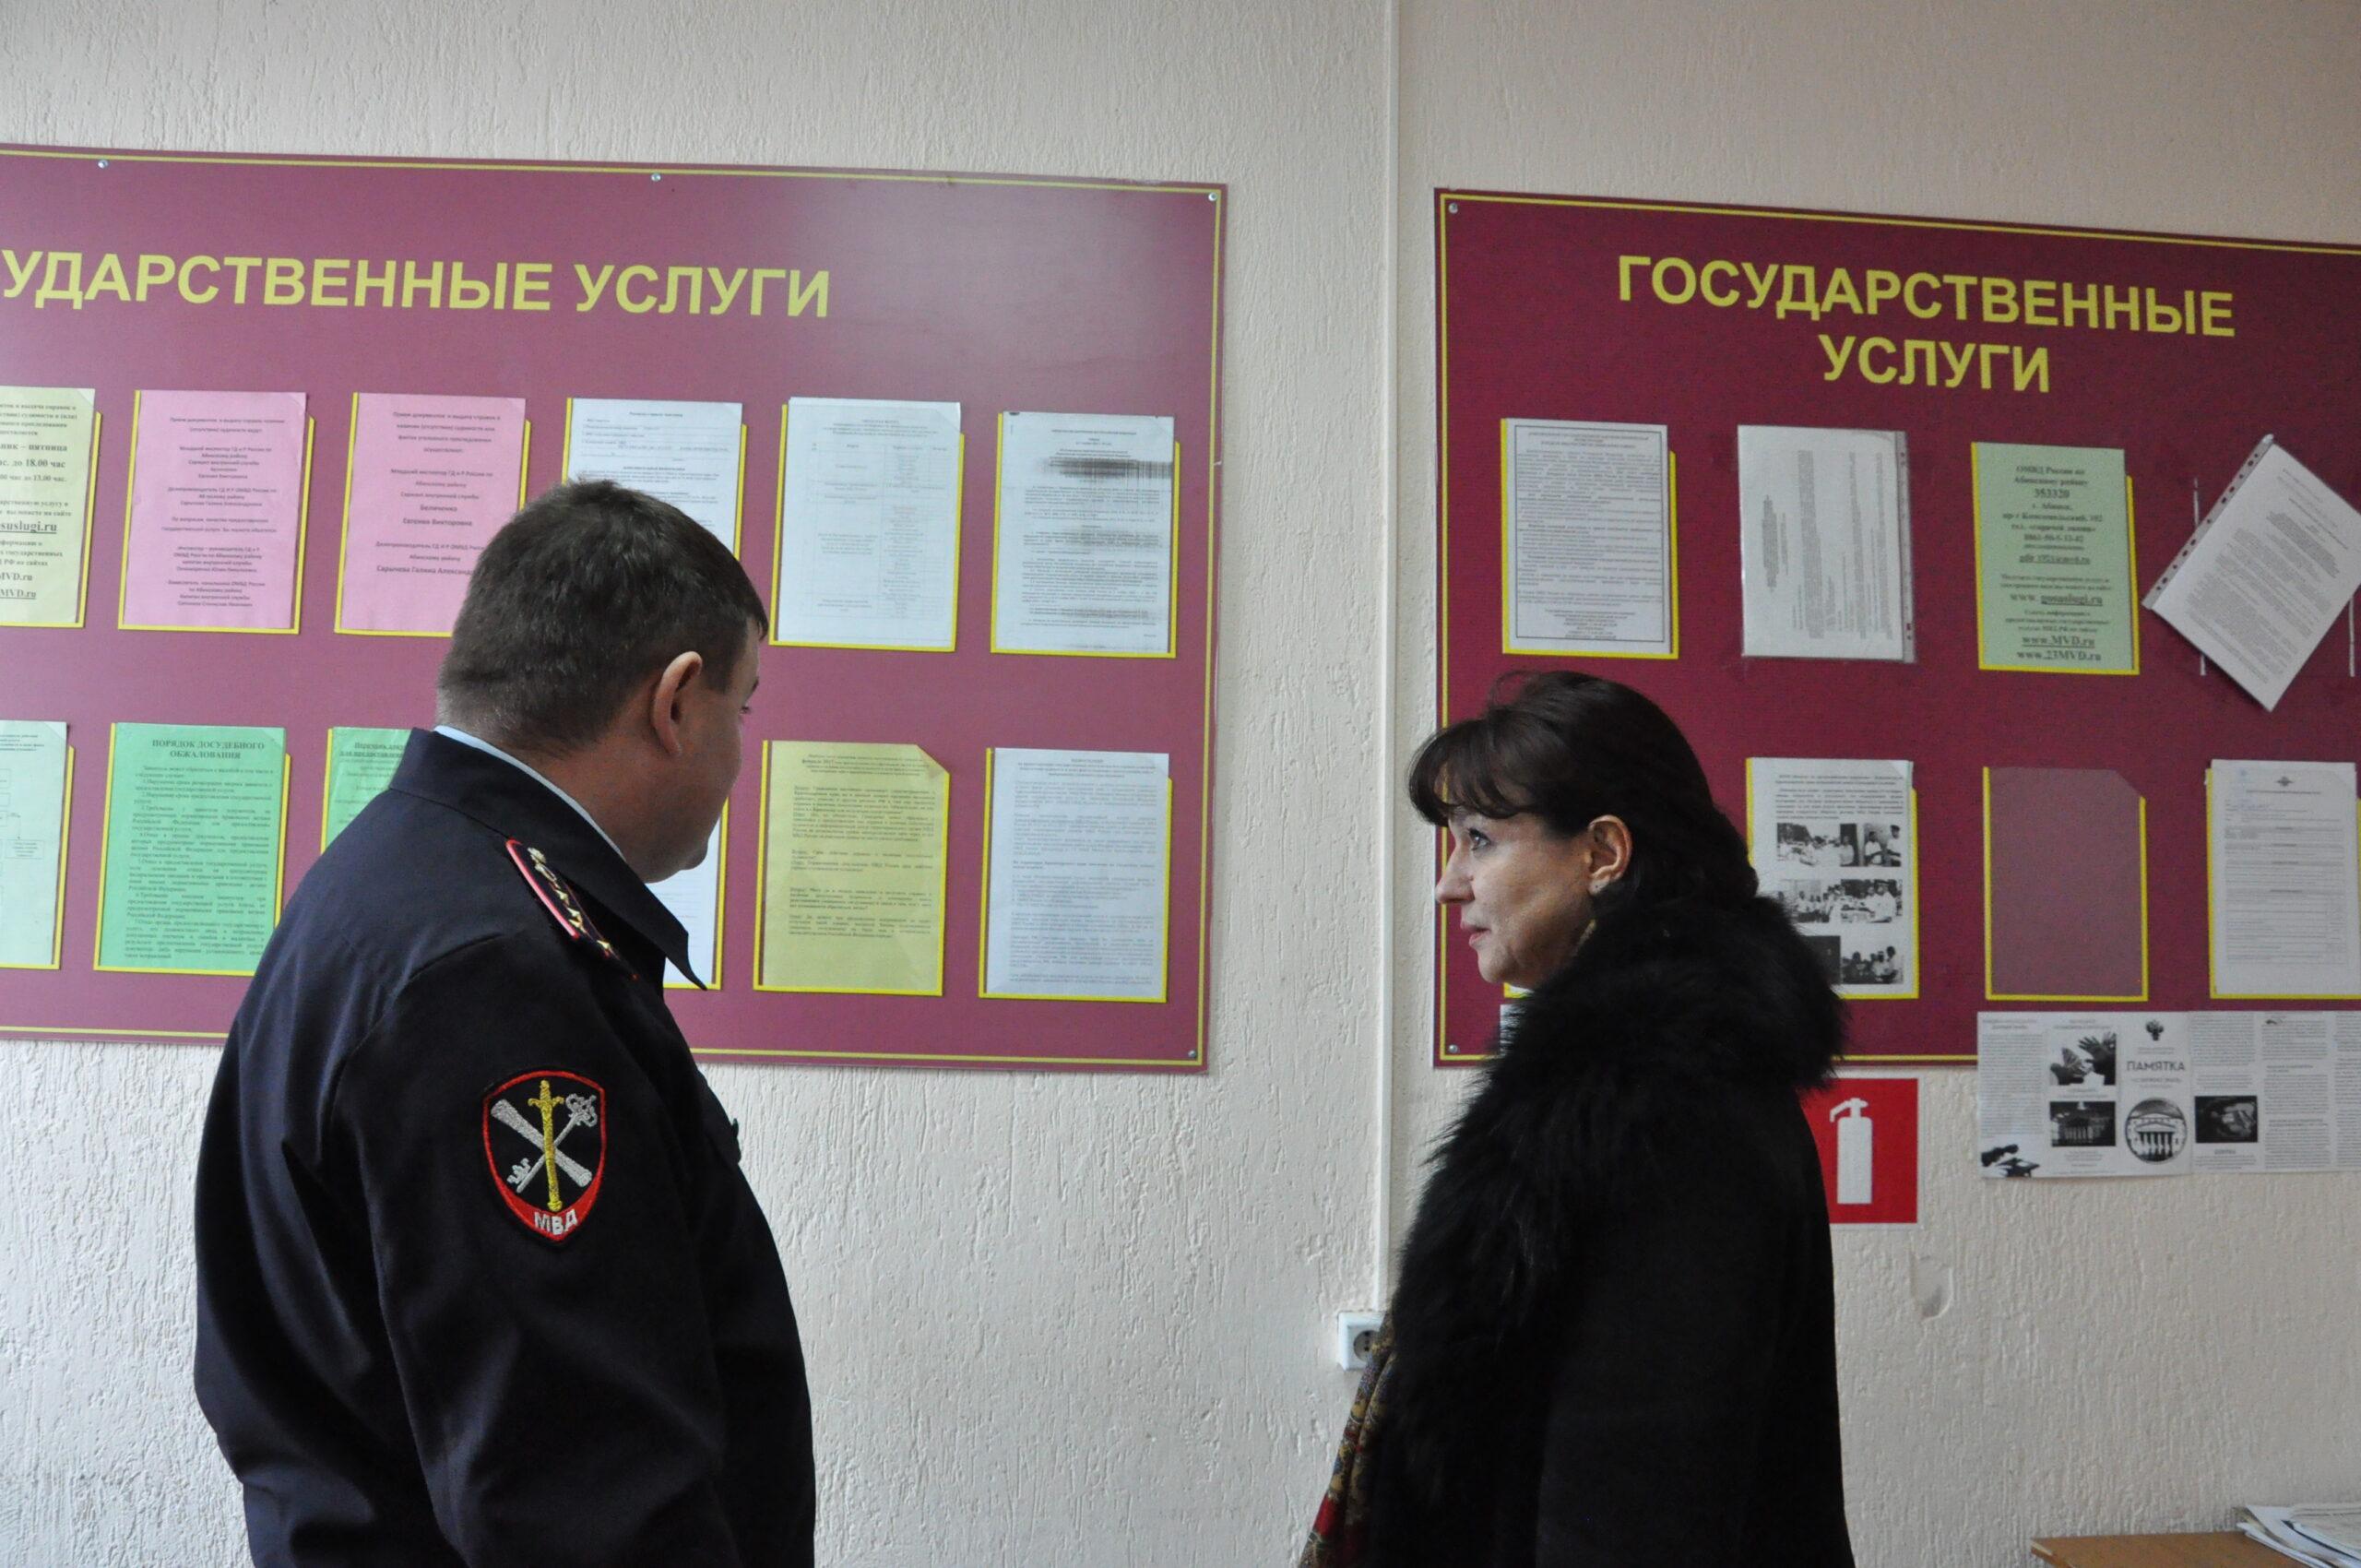 В Абинске общественник проверила качество предоставления госуслуг полицией